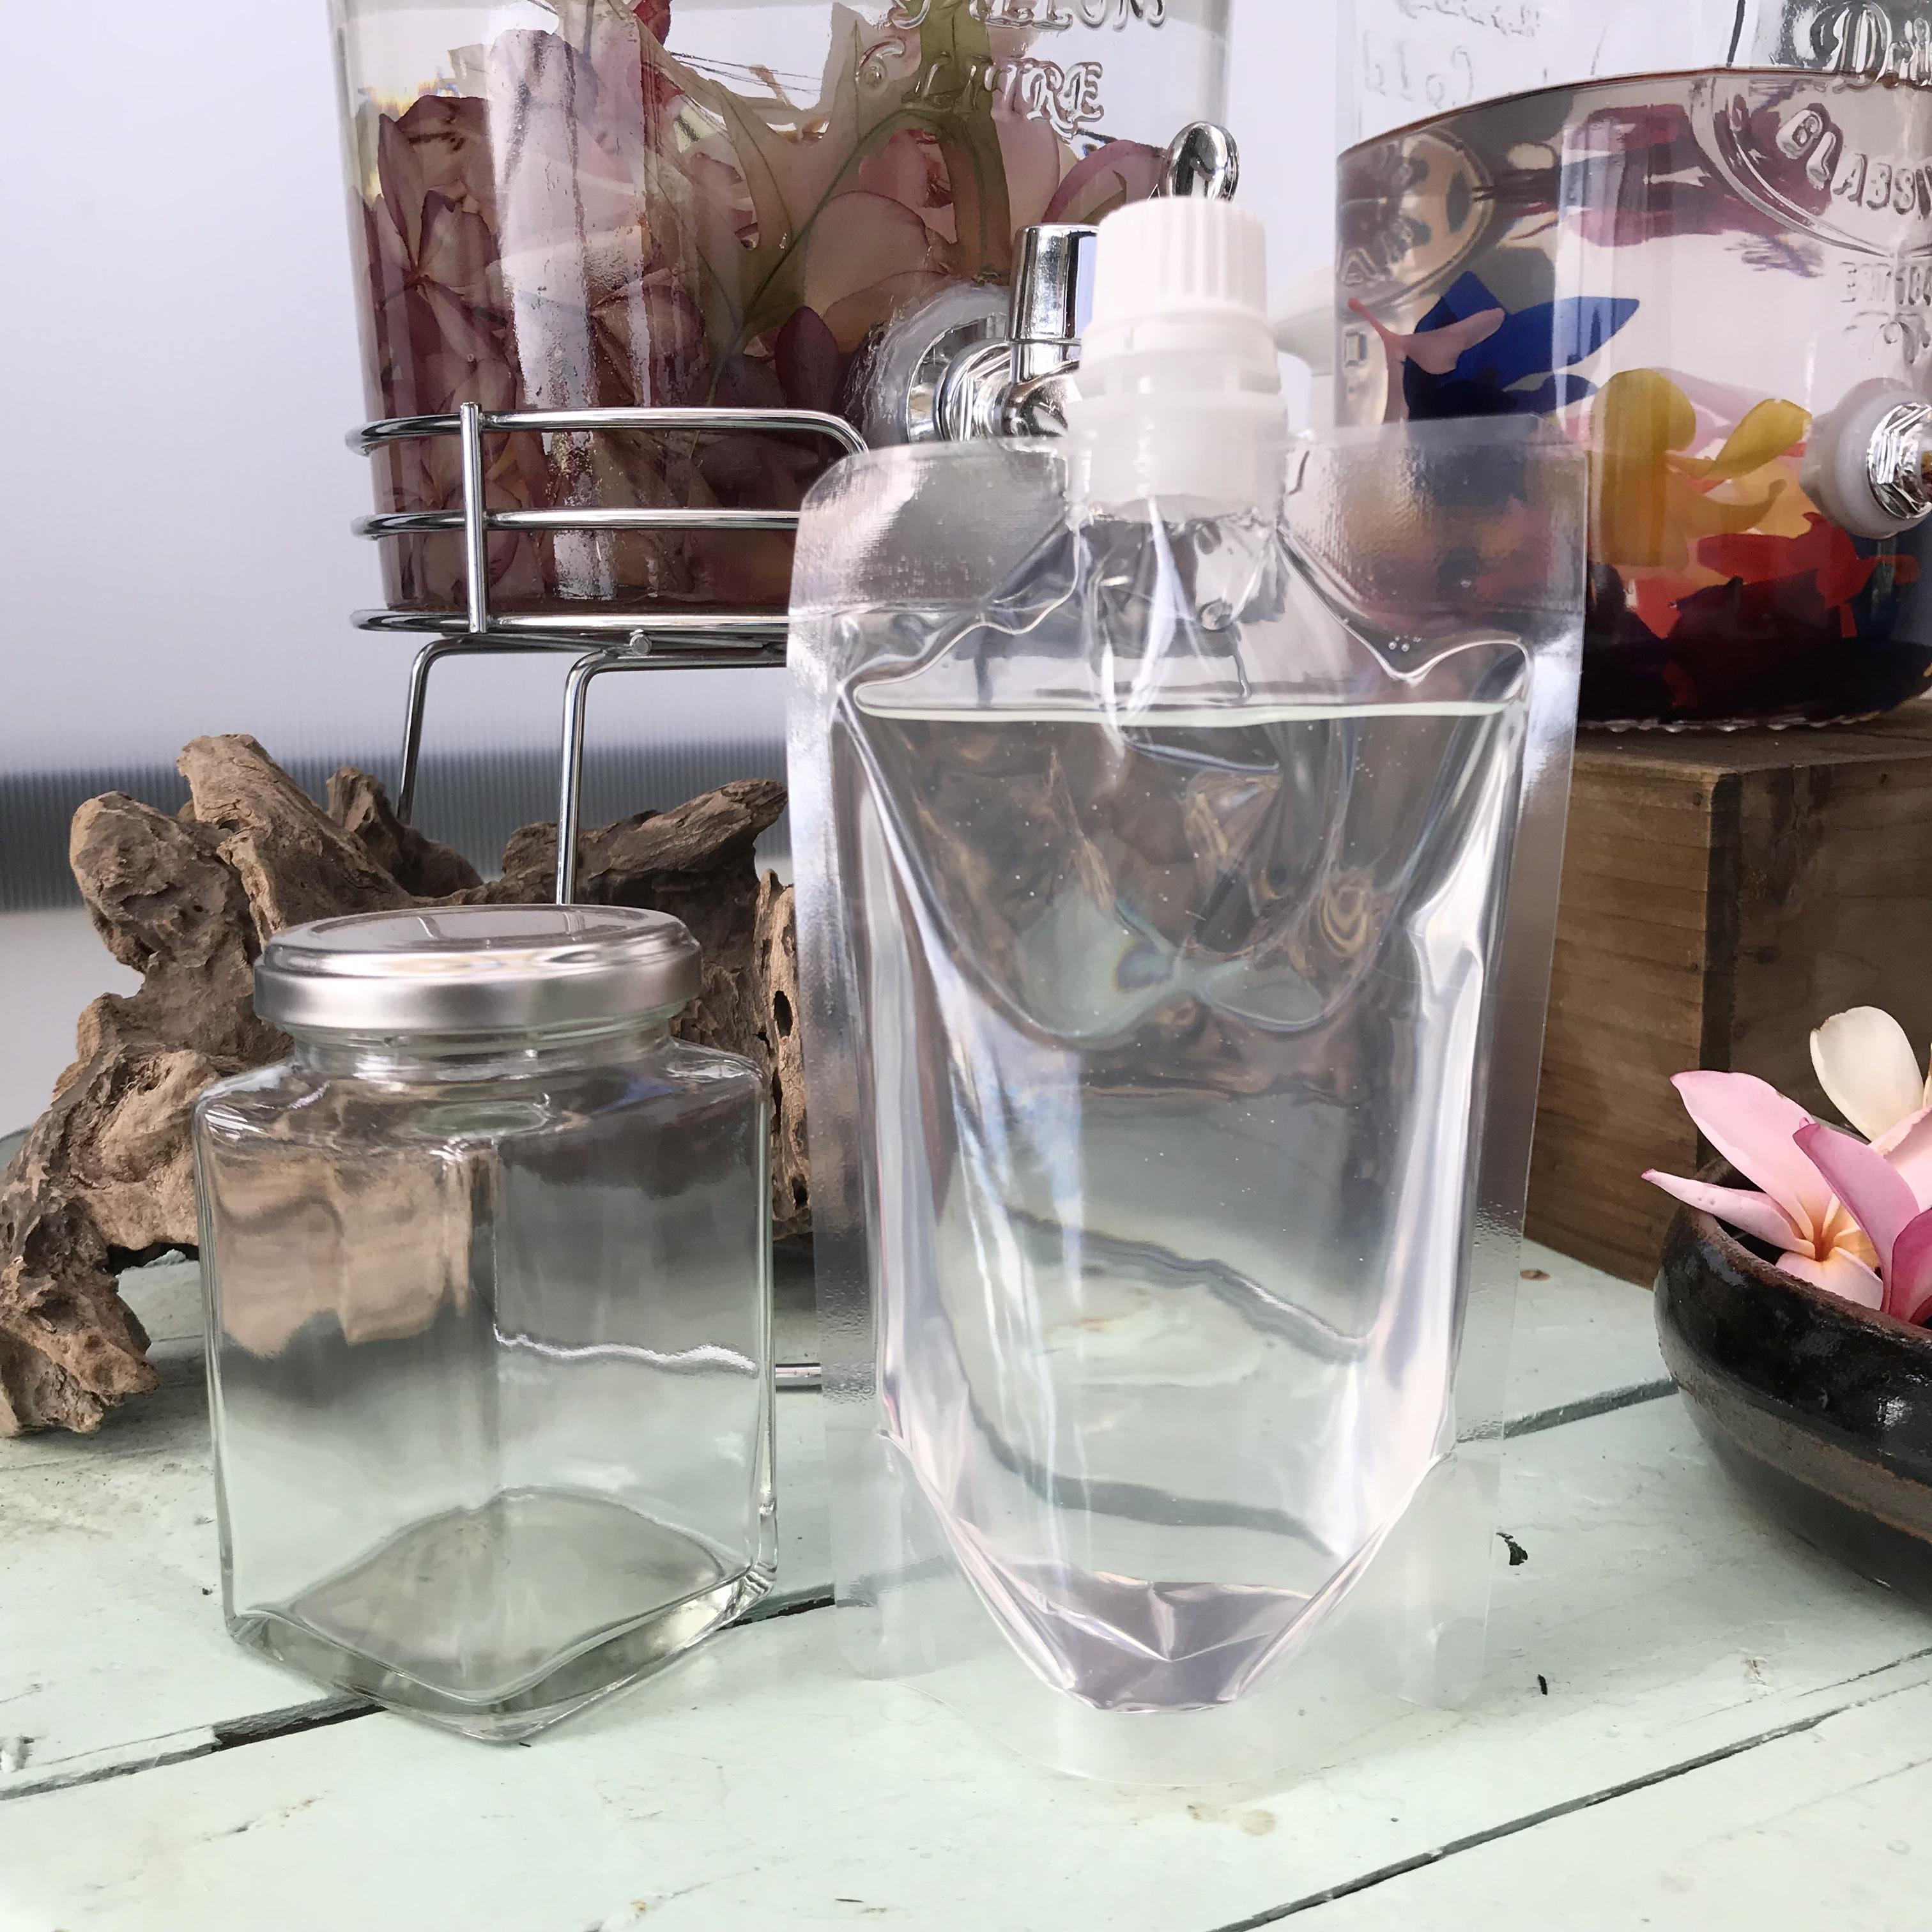 【ハーバリウム製作キット】ハーバリウムオイルと角形グラスボトルのセット(200mlの広口ビン)